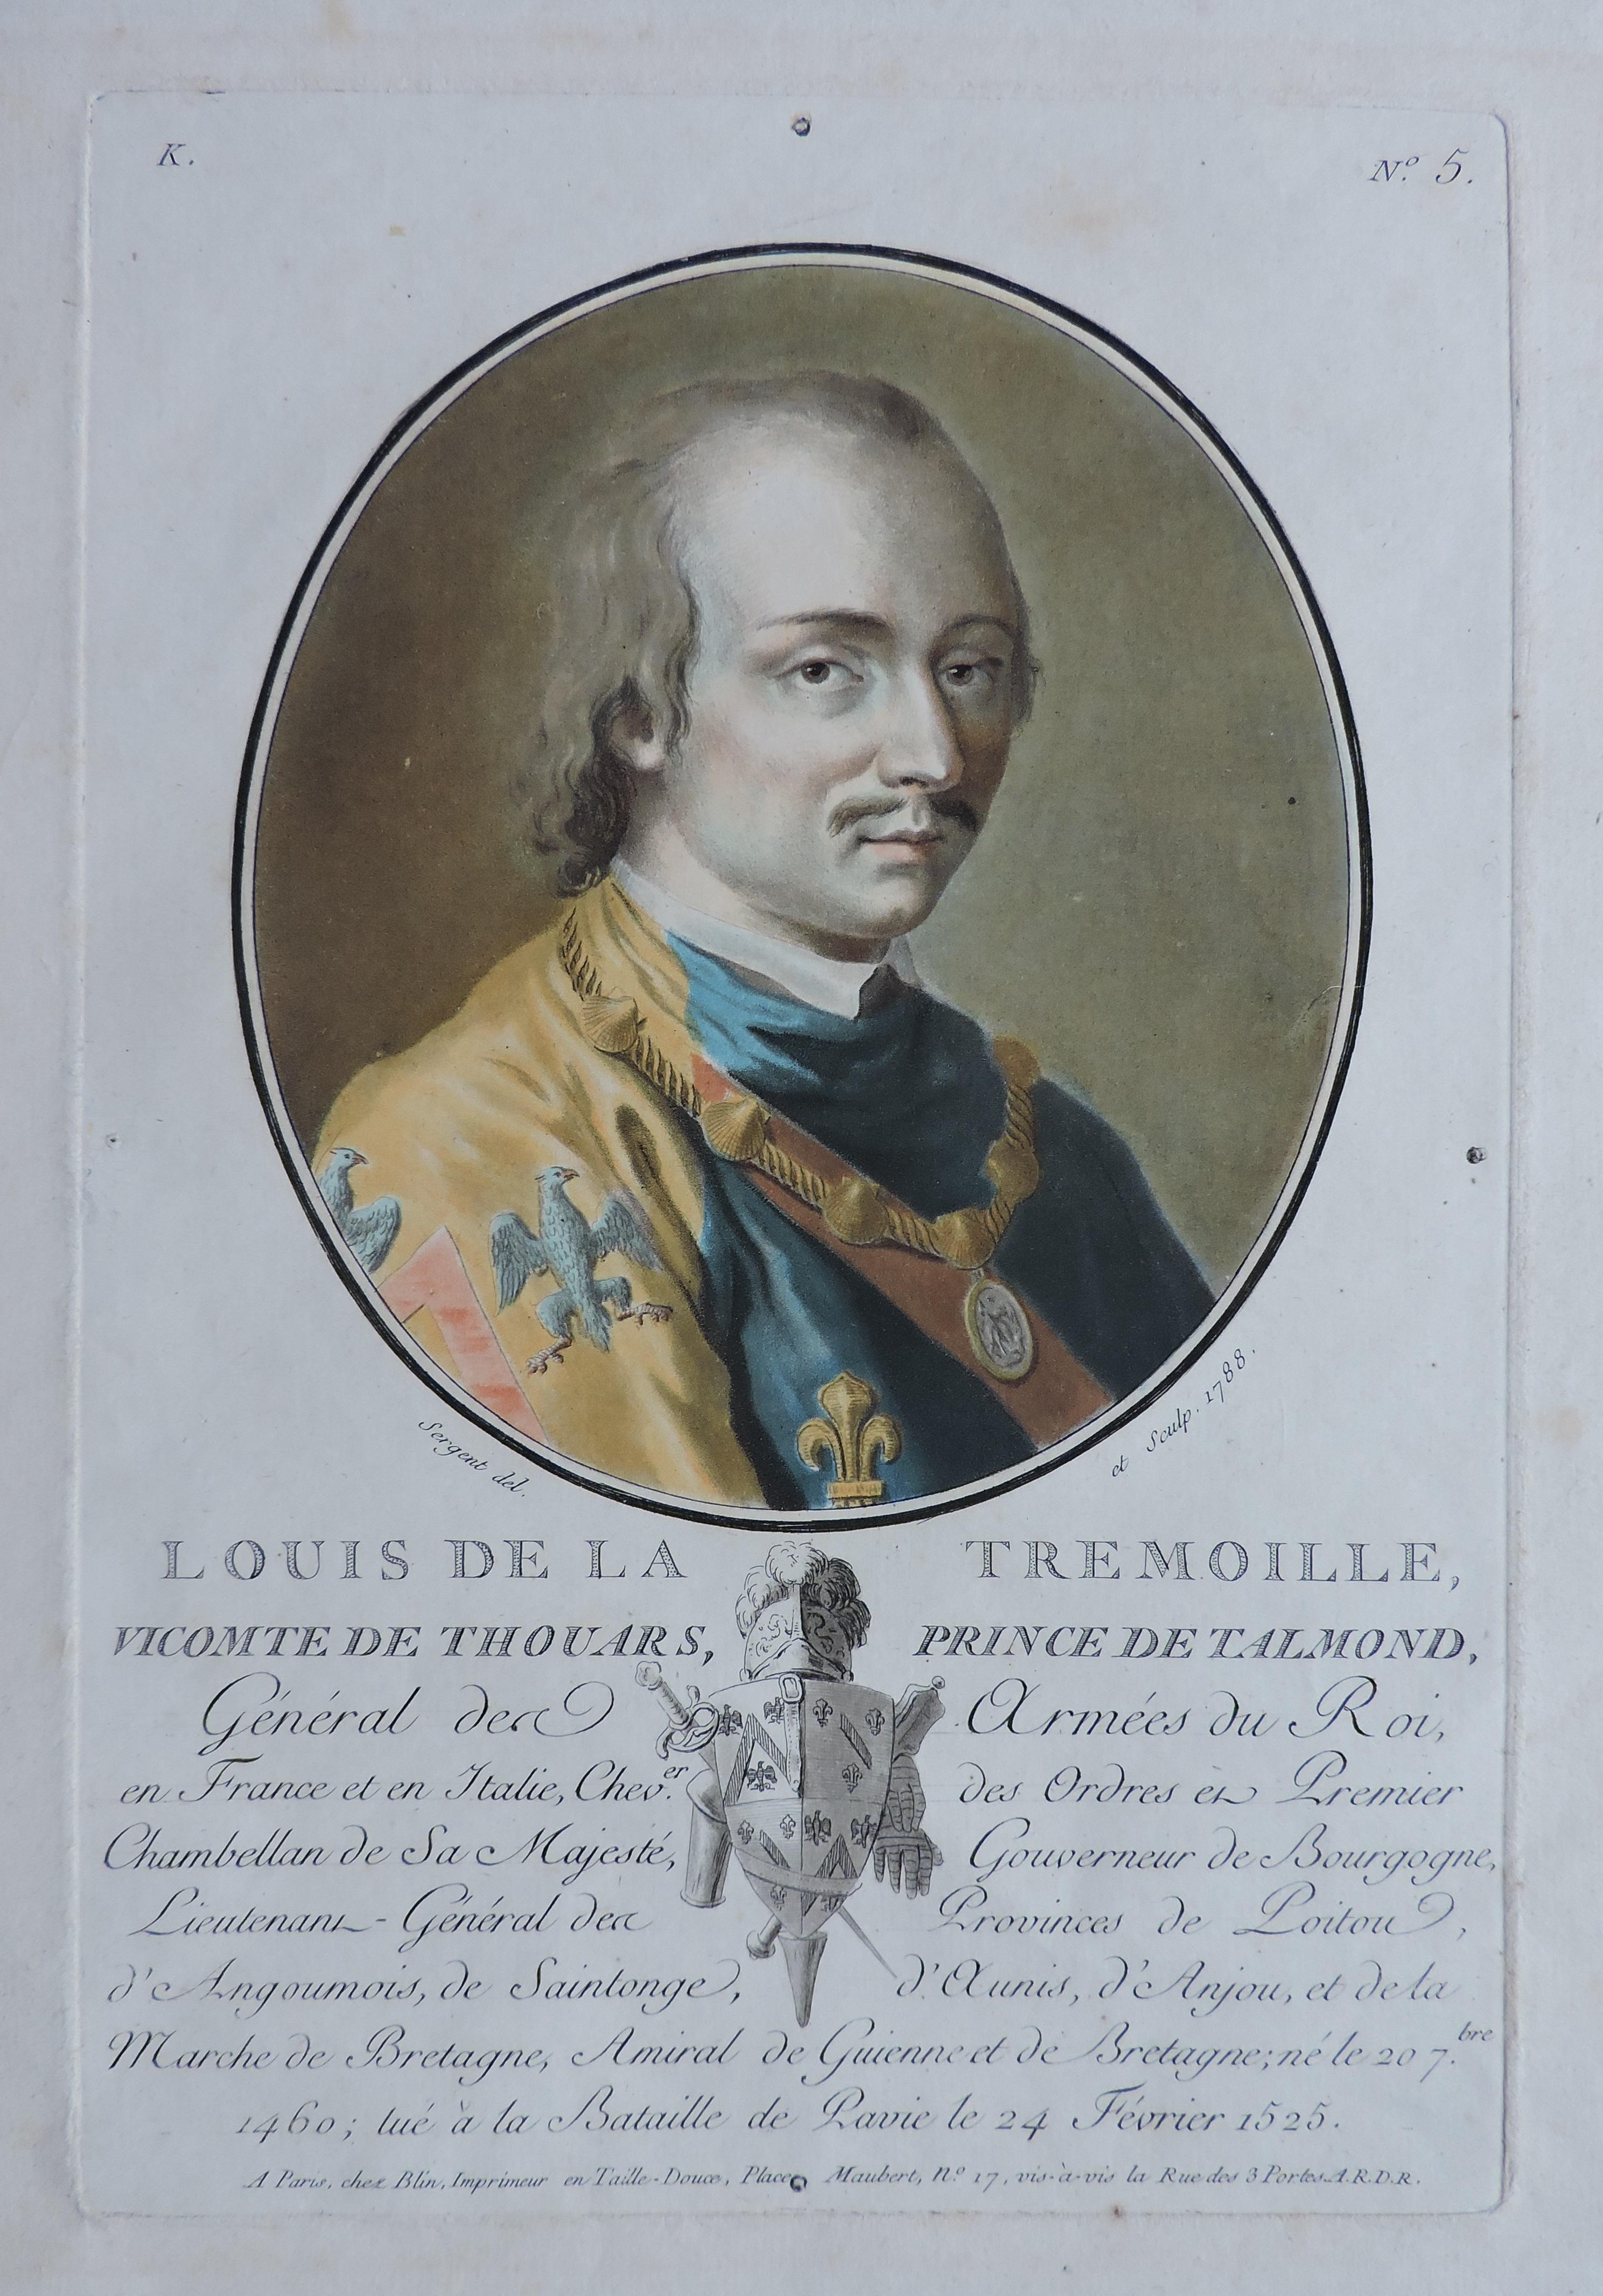 Louis de la Trémoille